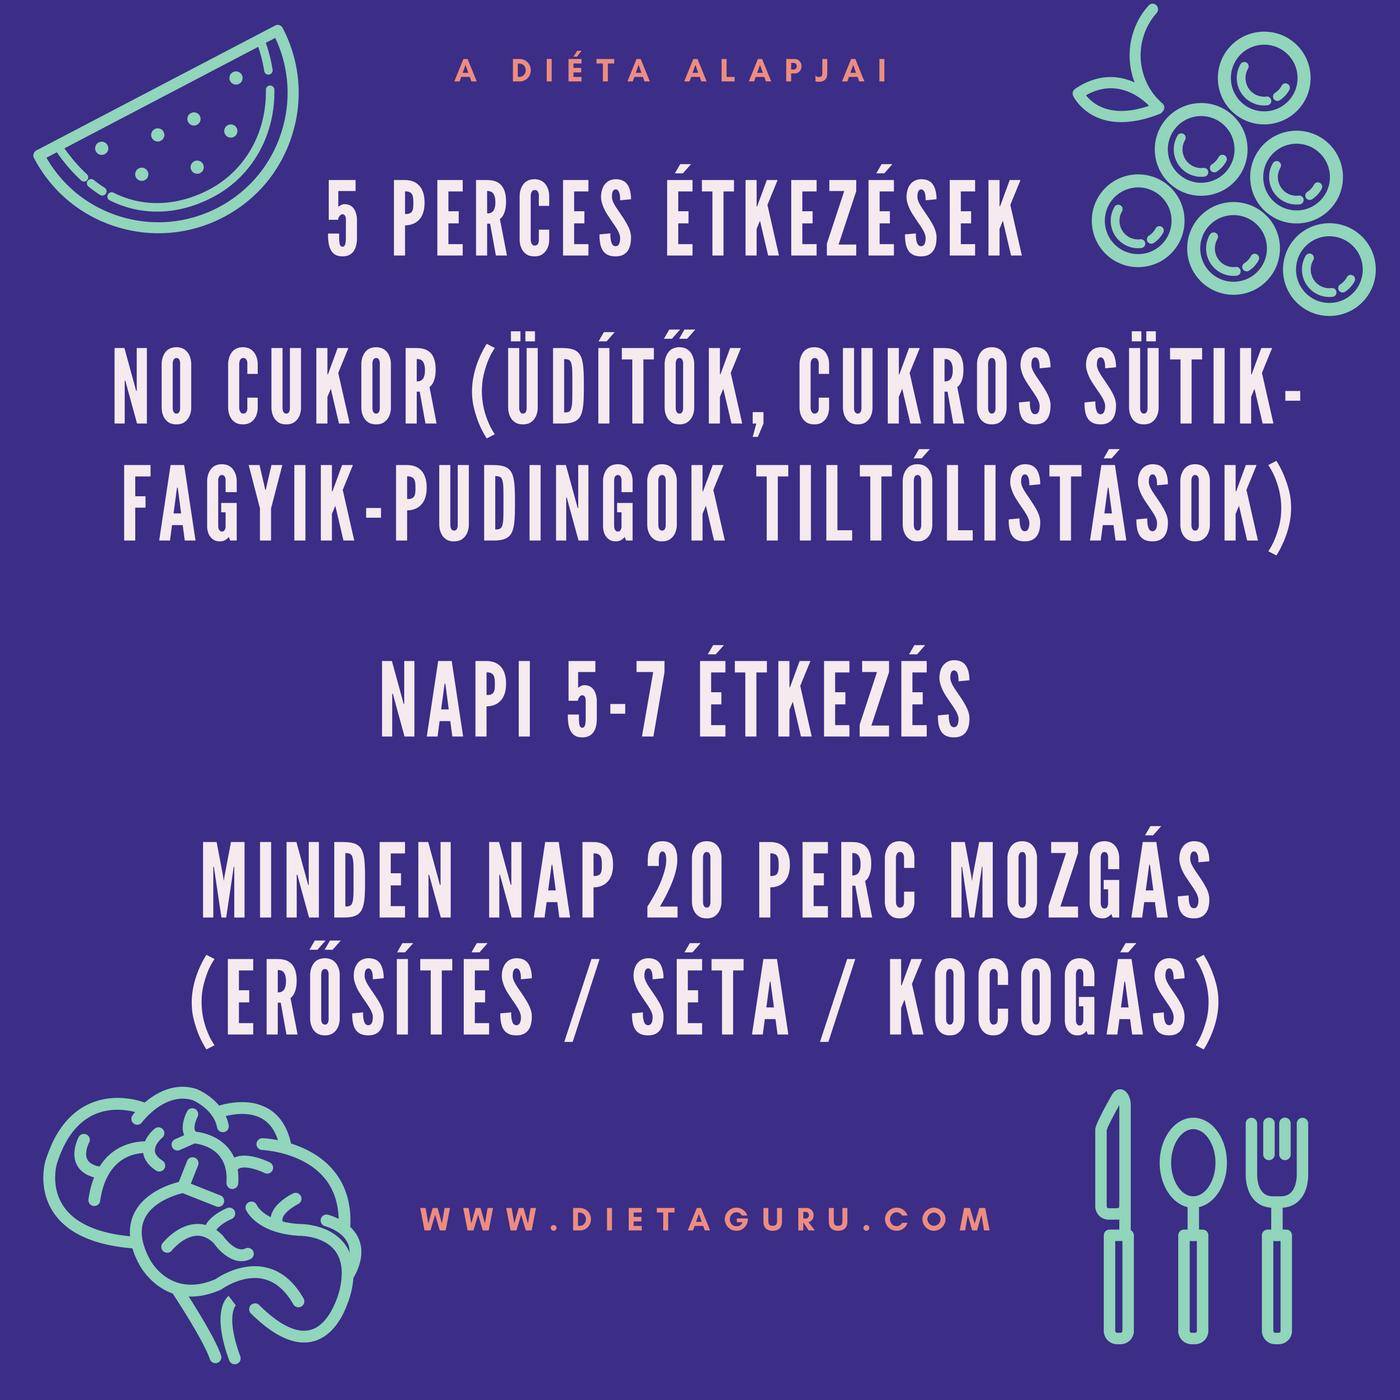 5 perces étkezések (1).png